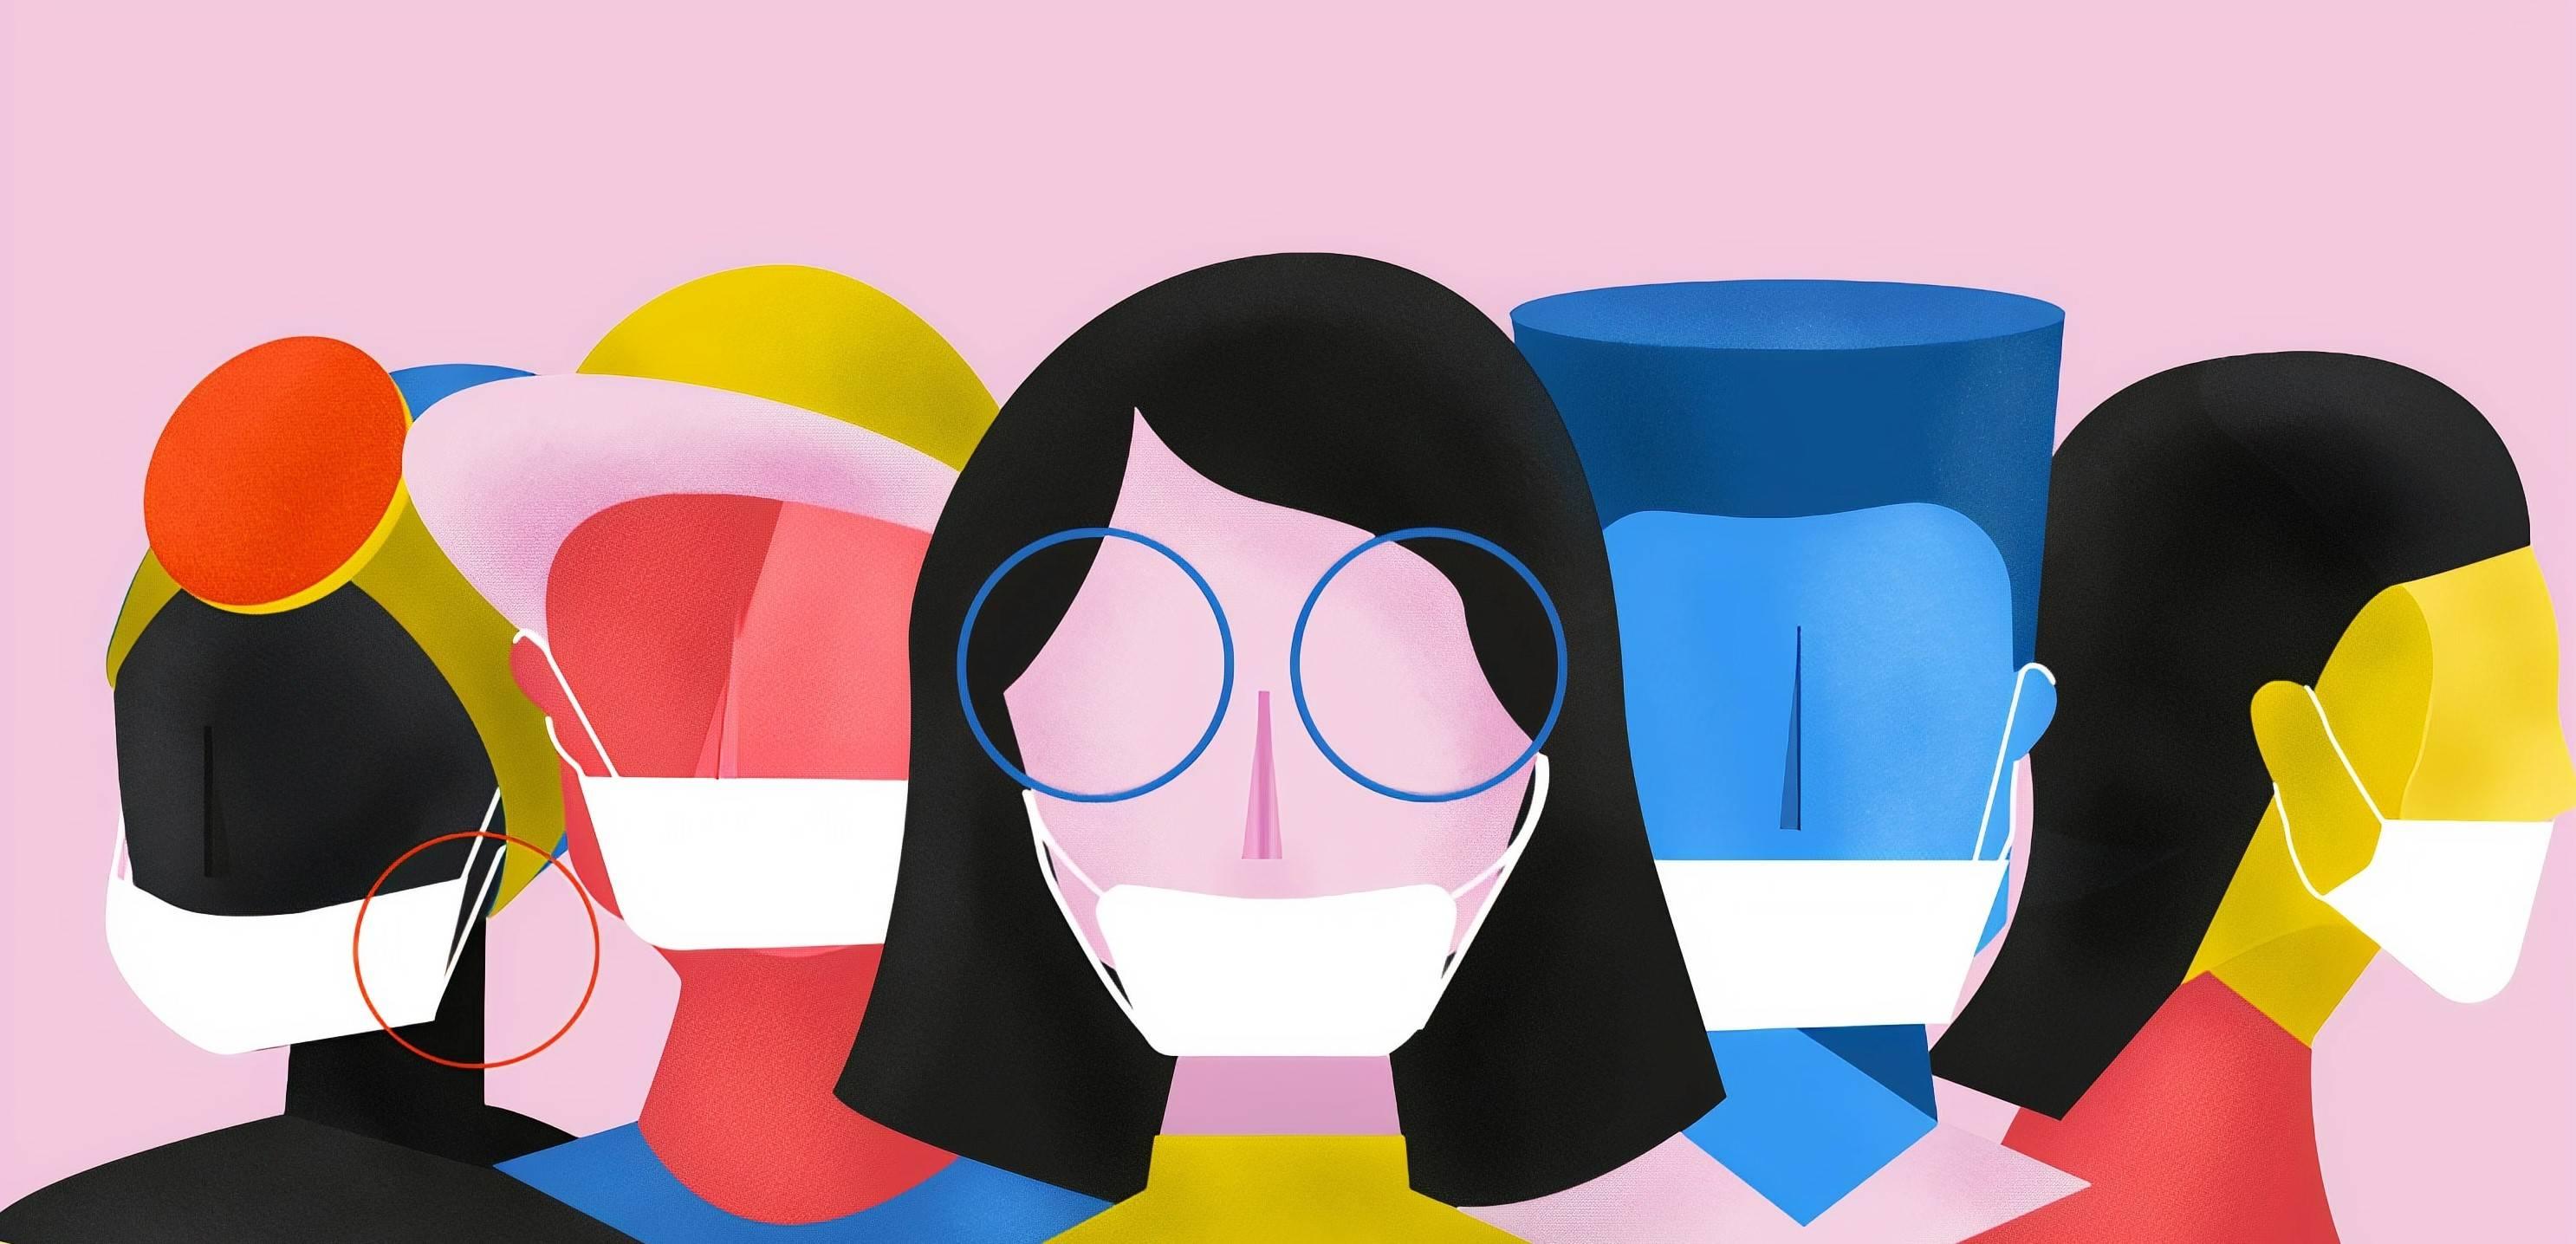 www.juicysantos.com.br - qual é o uso correto das máscaras 55% dos santistas não sabem